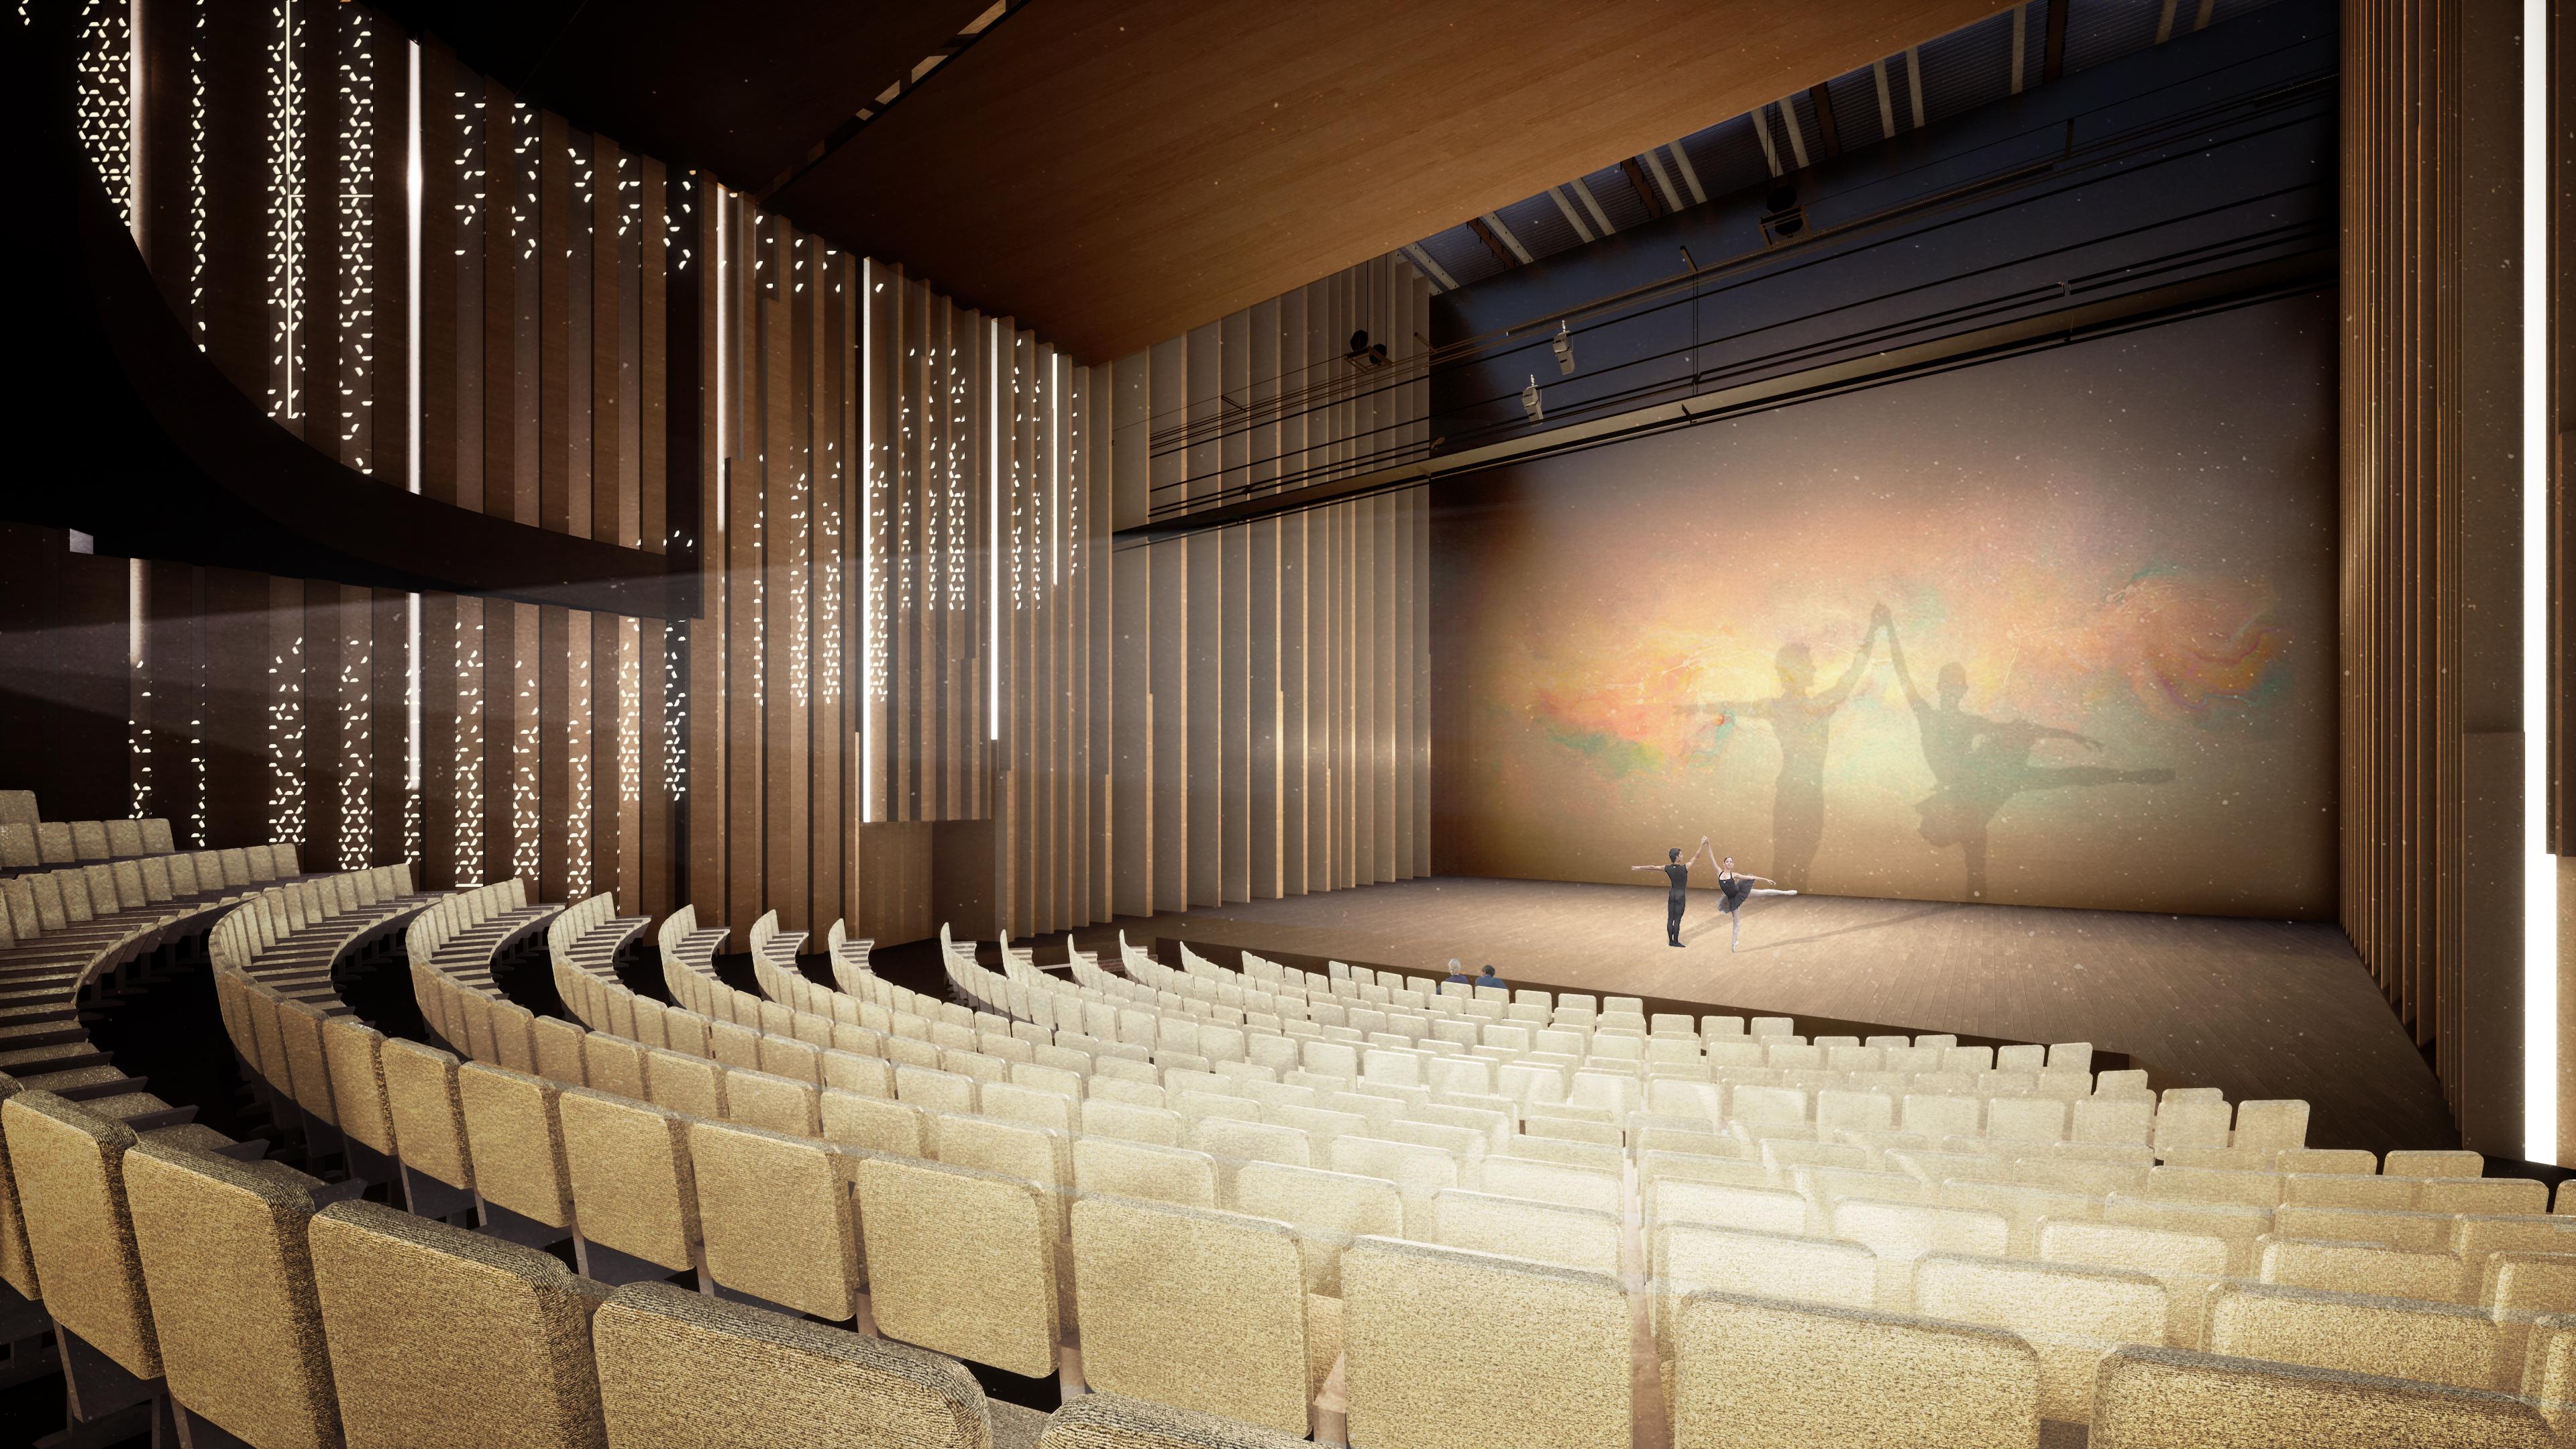 <p>Grote Zaal. Theater aan de Parade door NOAHH | Network Oriented Architecture</p>